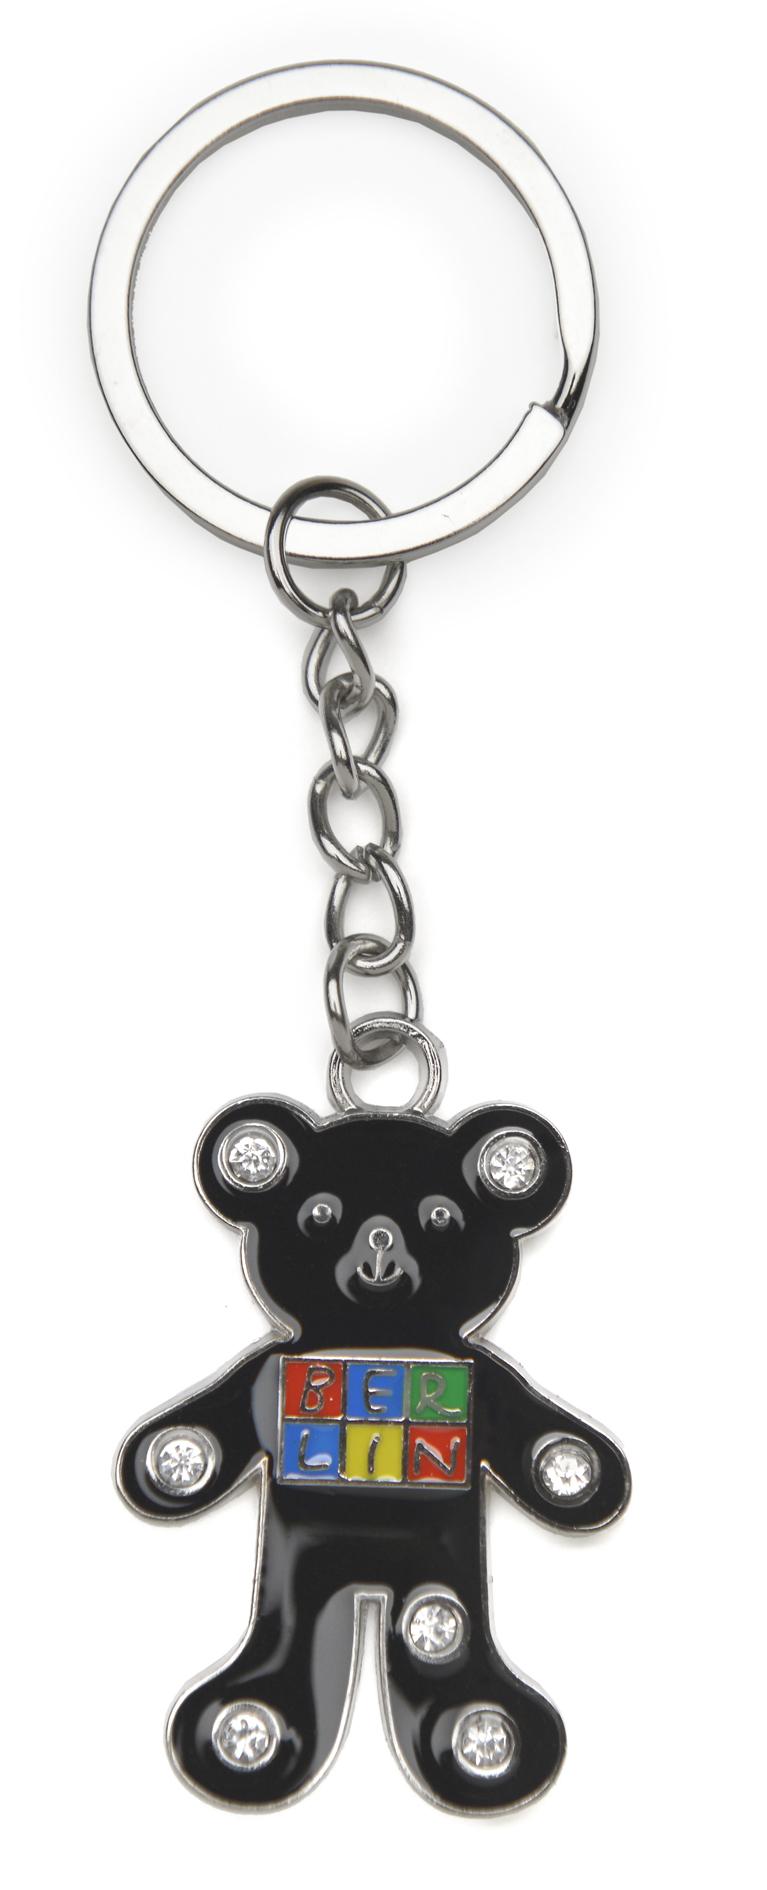 050-1028 Schlüsselanhänger BERLIN Metall schwarzer Bär